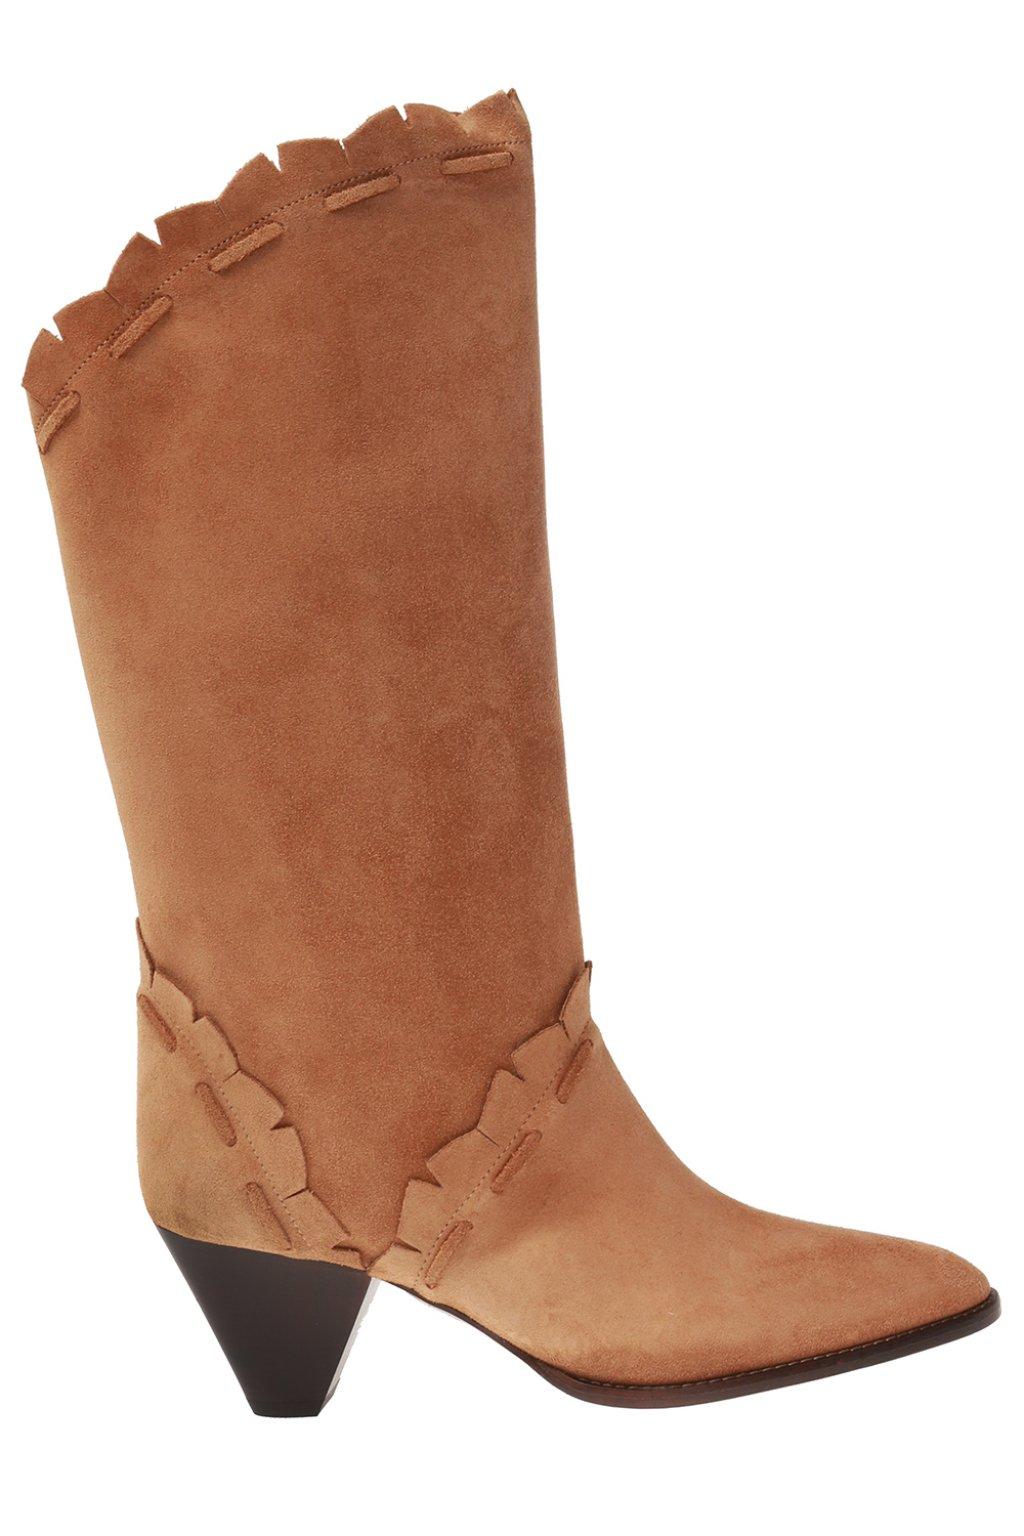 Leesta Heeled Boots Isabel Marant Vitkac Us